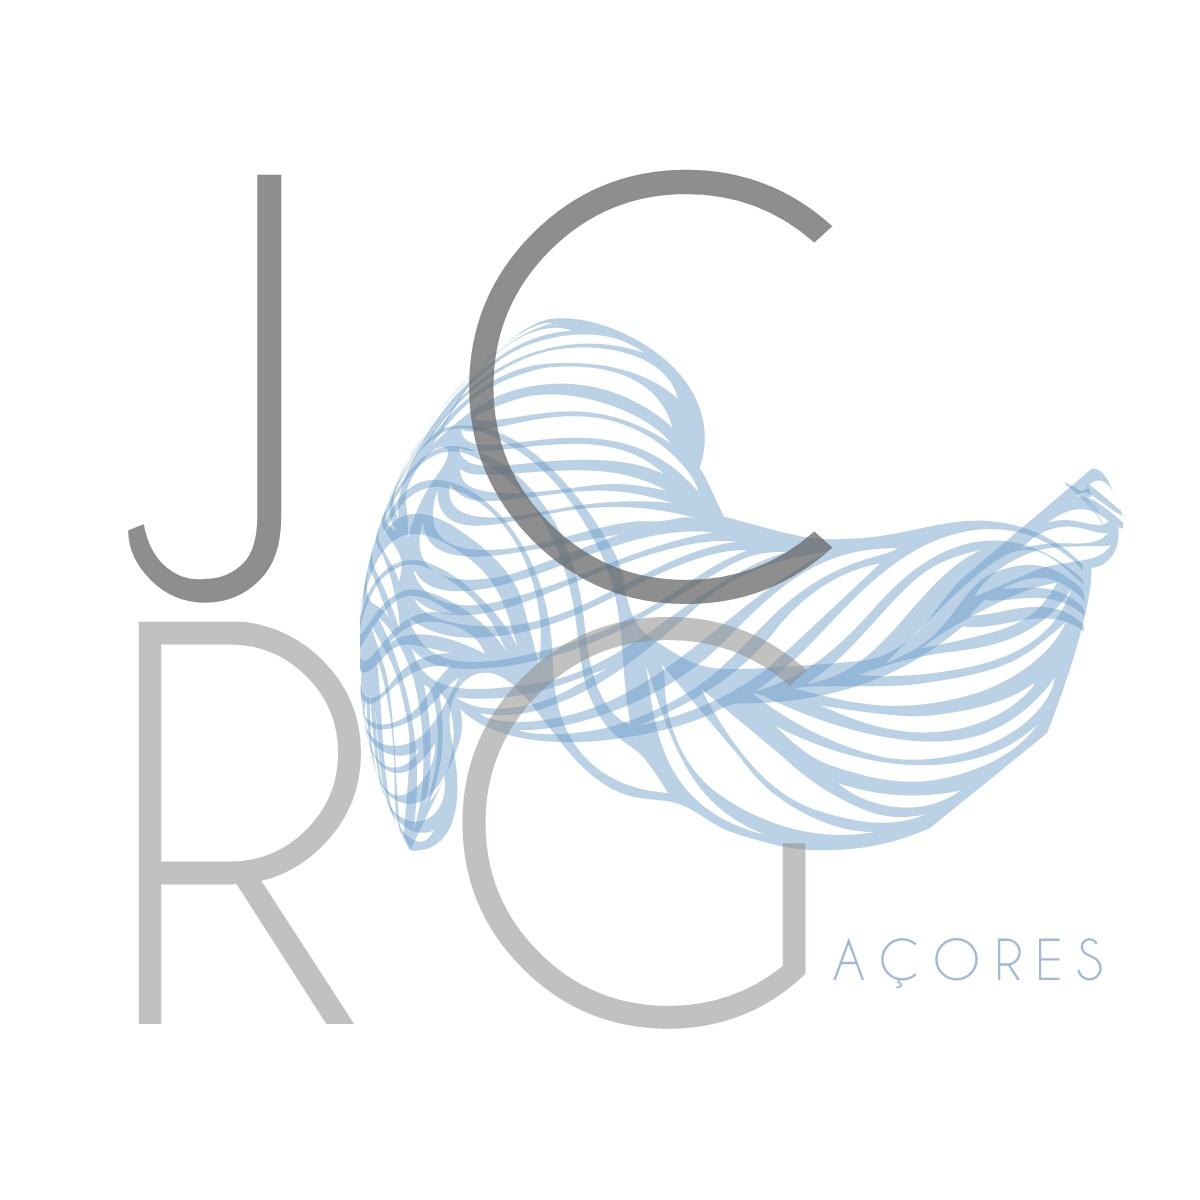 JCRG Açores